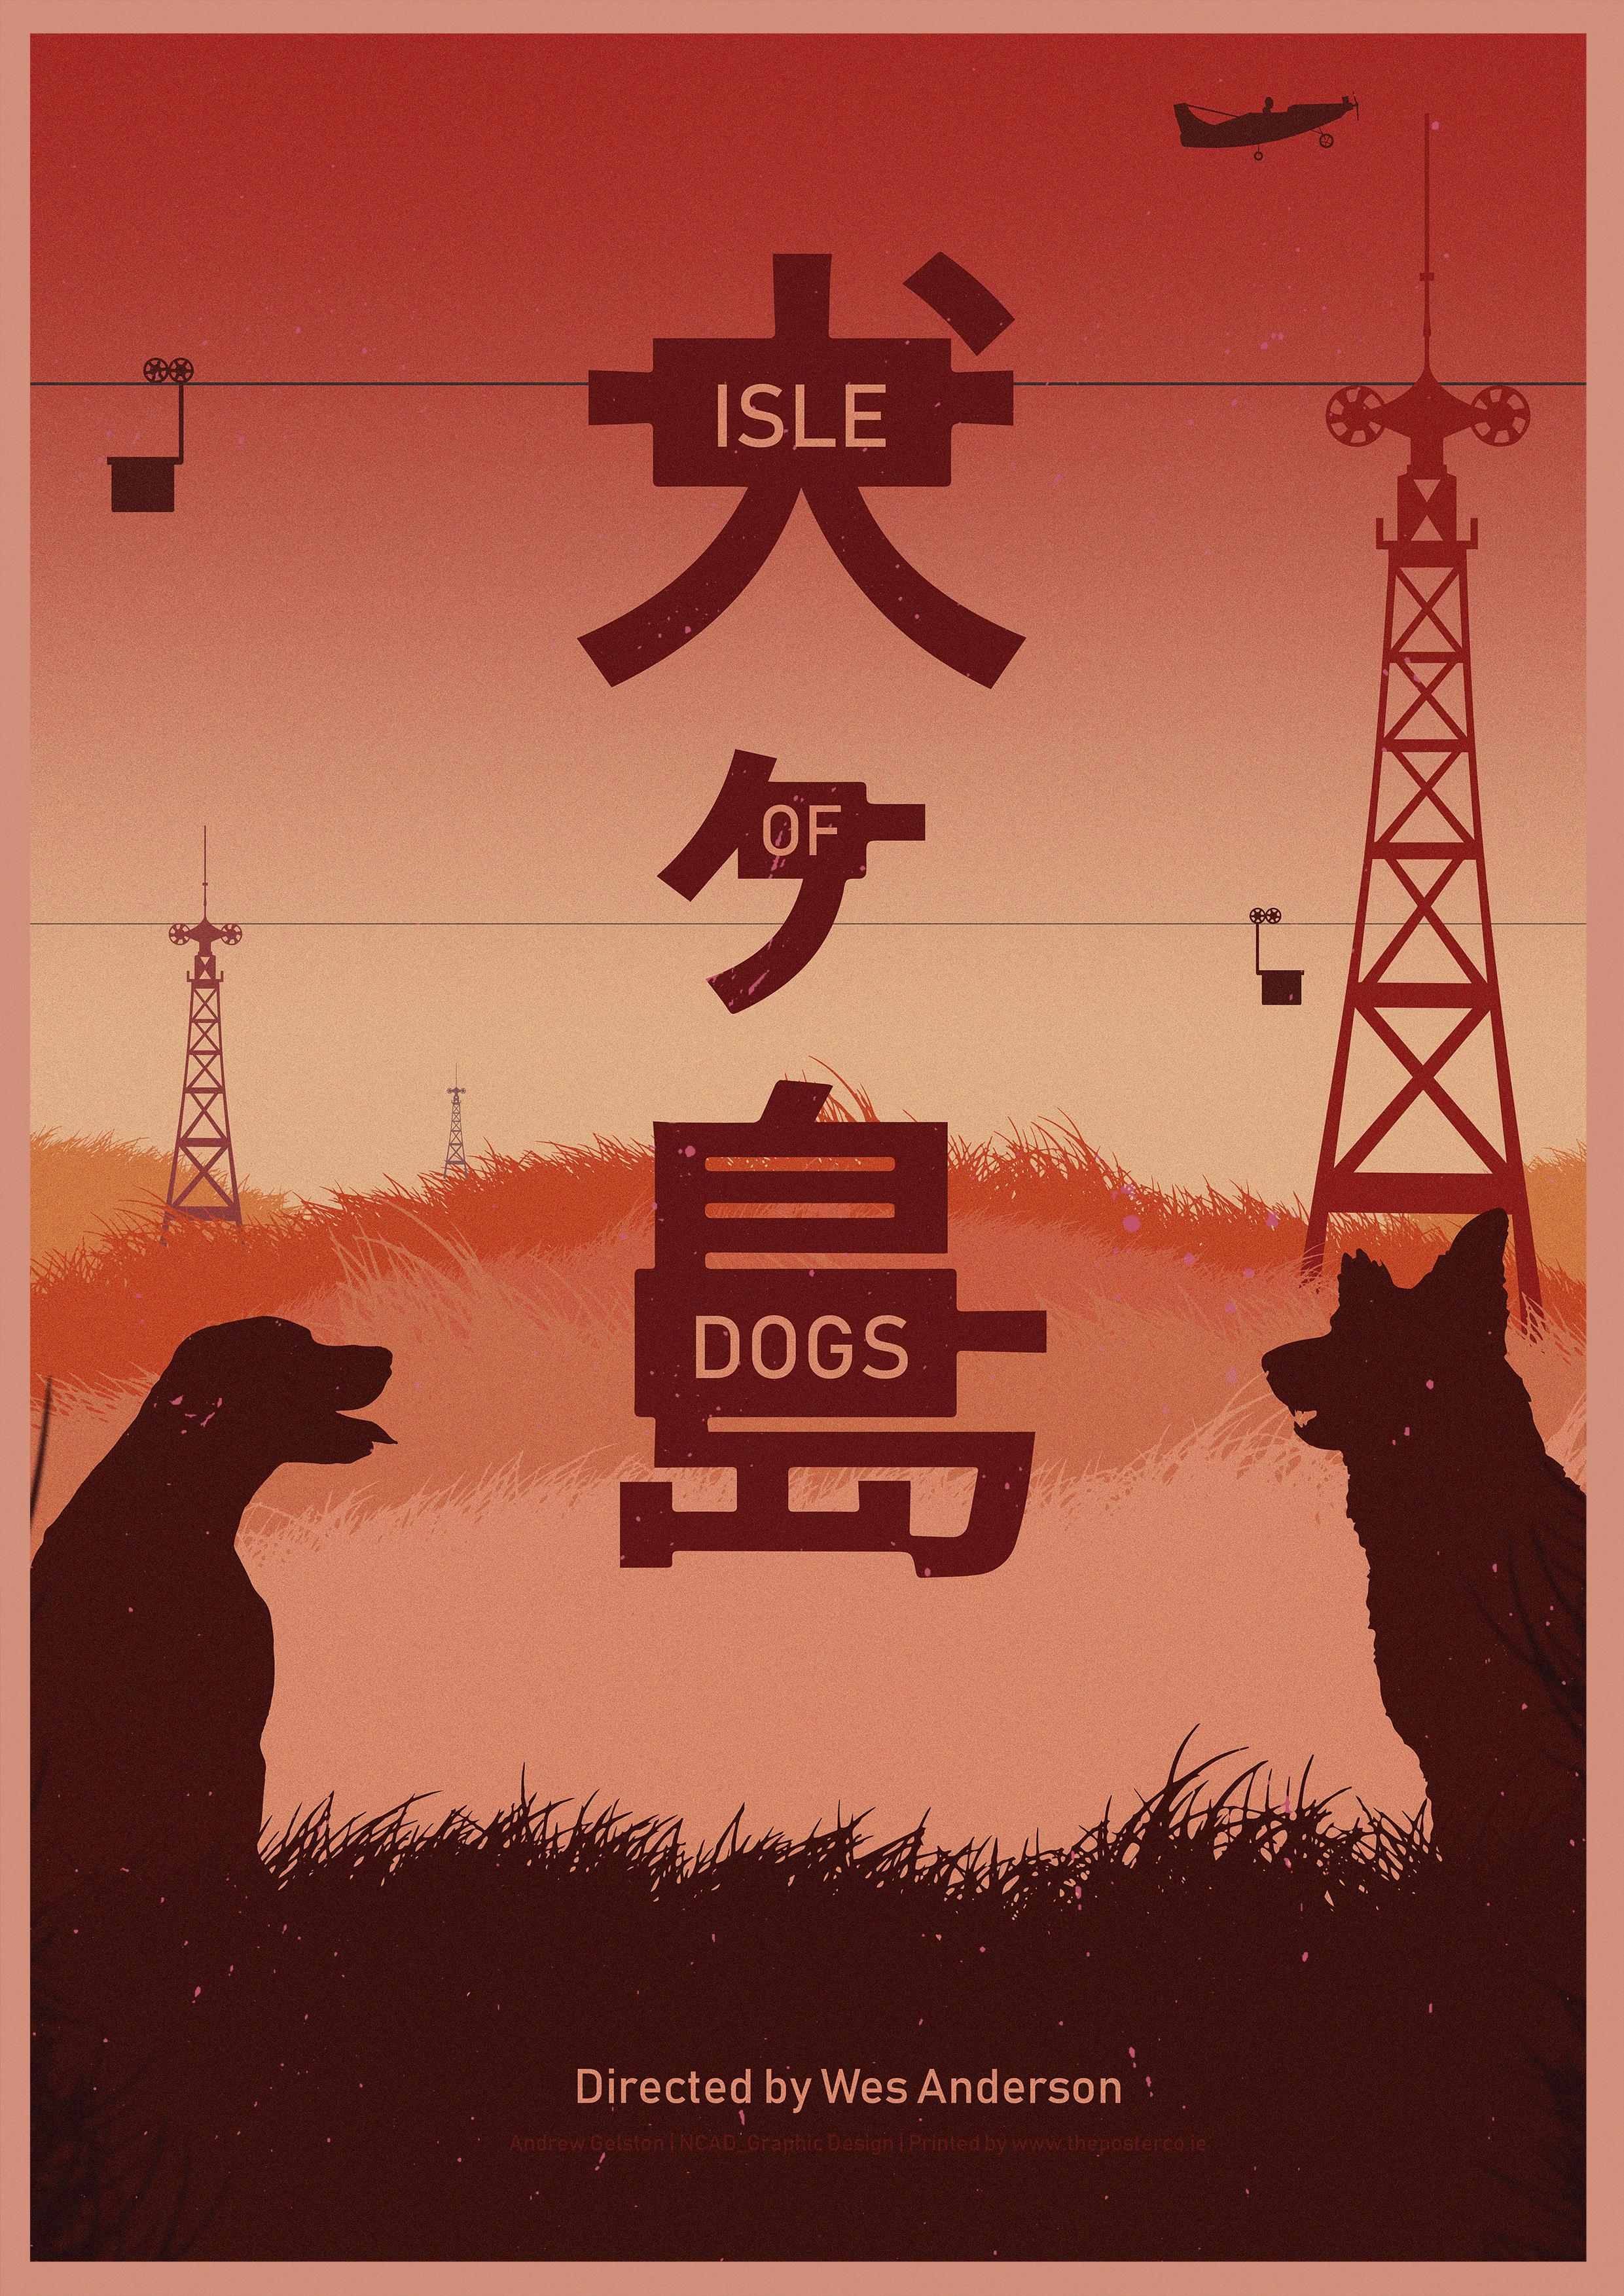 Cover image: Audi Dublin International Film Festival — Film Posters